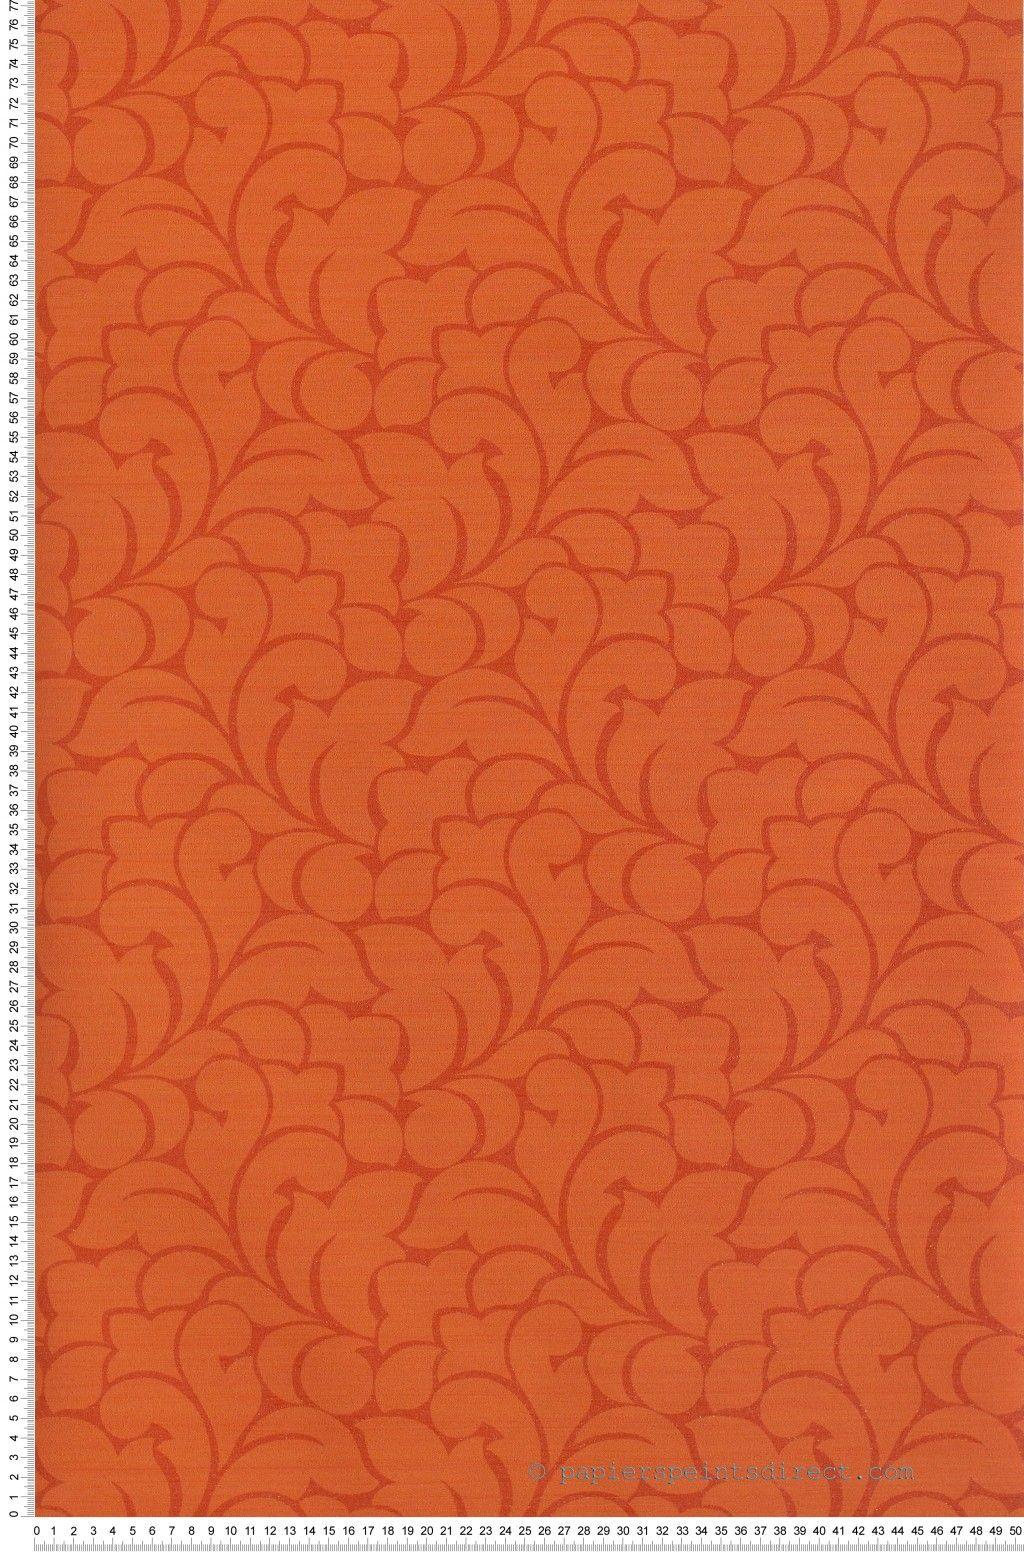 floral sevilla corail papier peint casad co damask pinterest papier peint peindre et. Black Bedroom Furniture Sets. Home Design Ideas